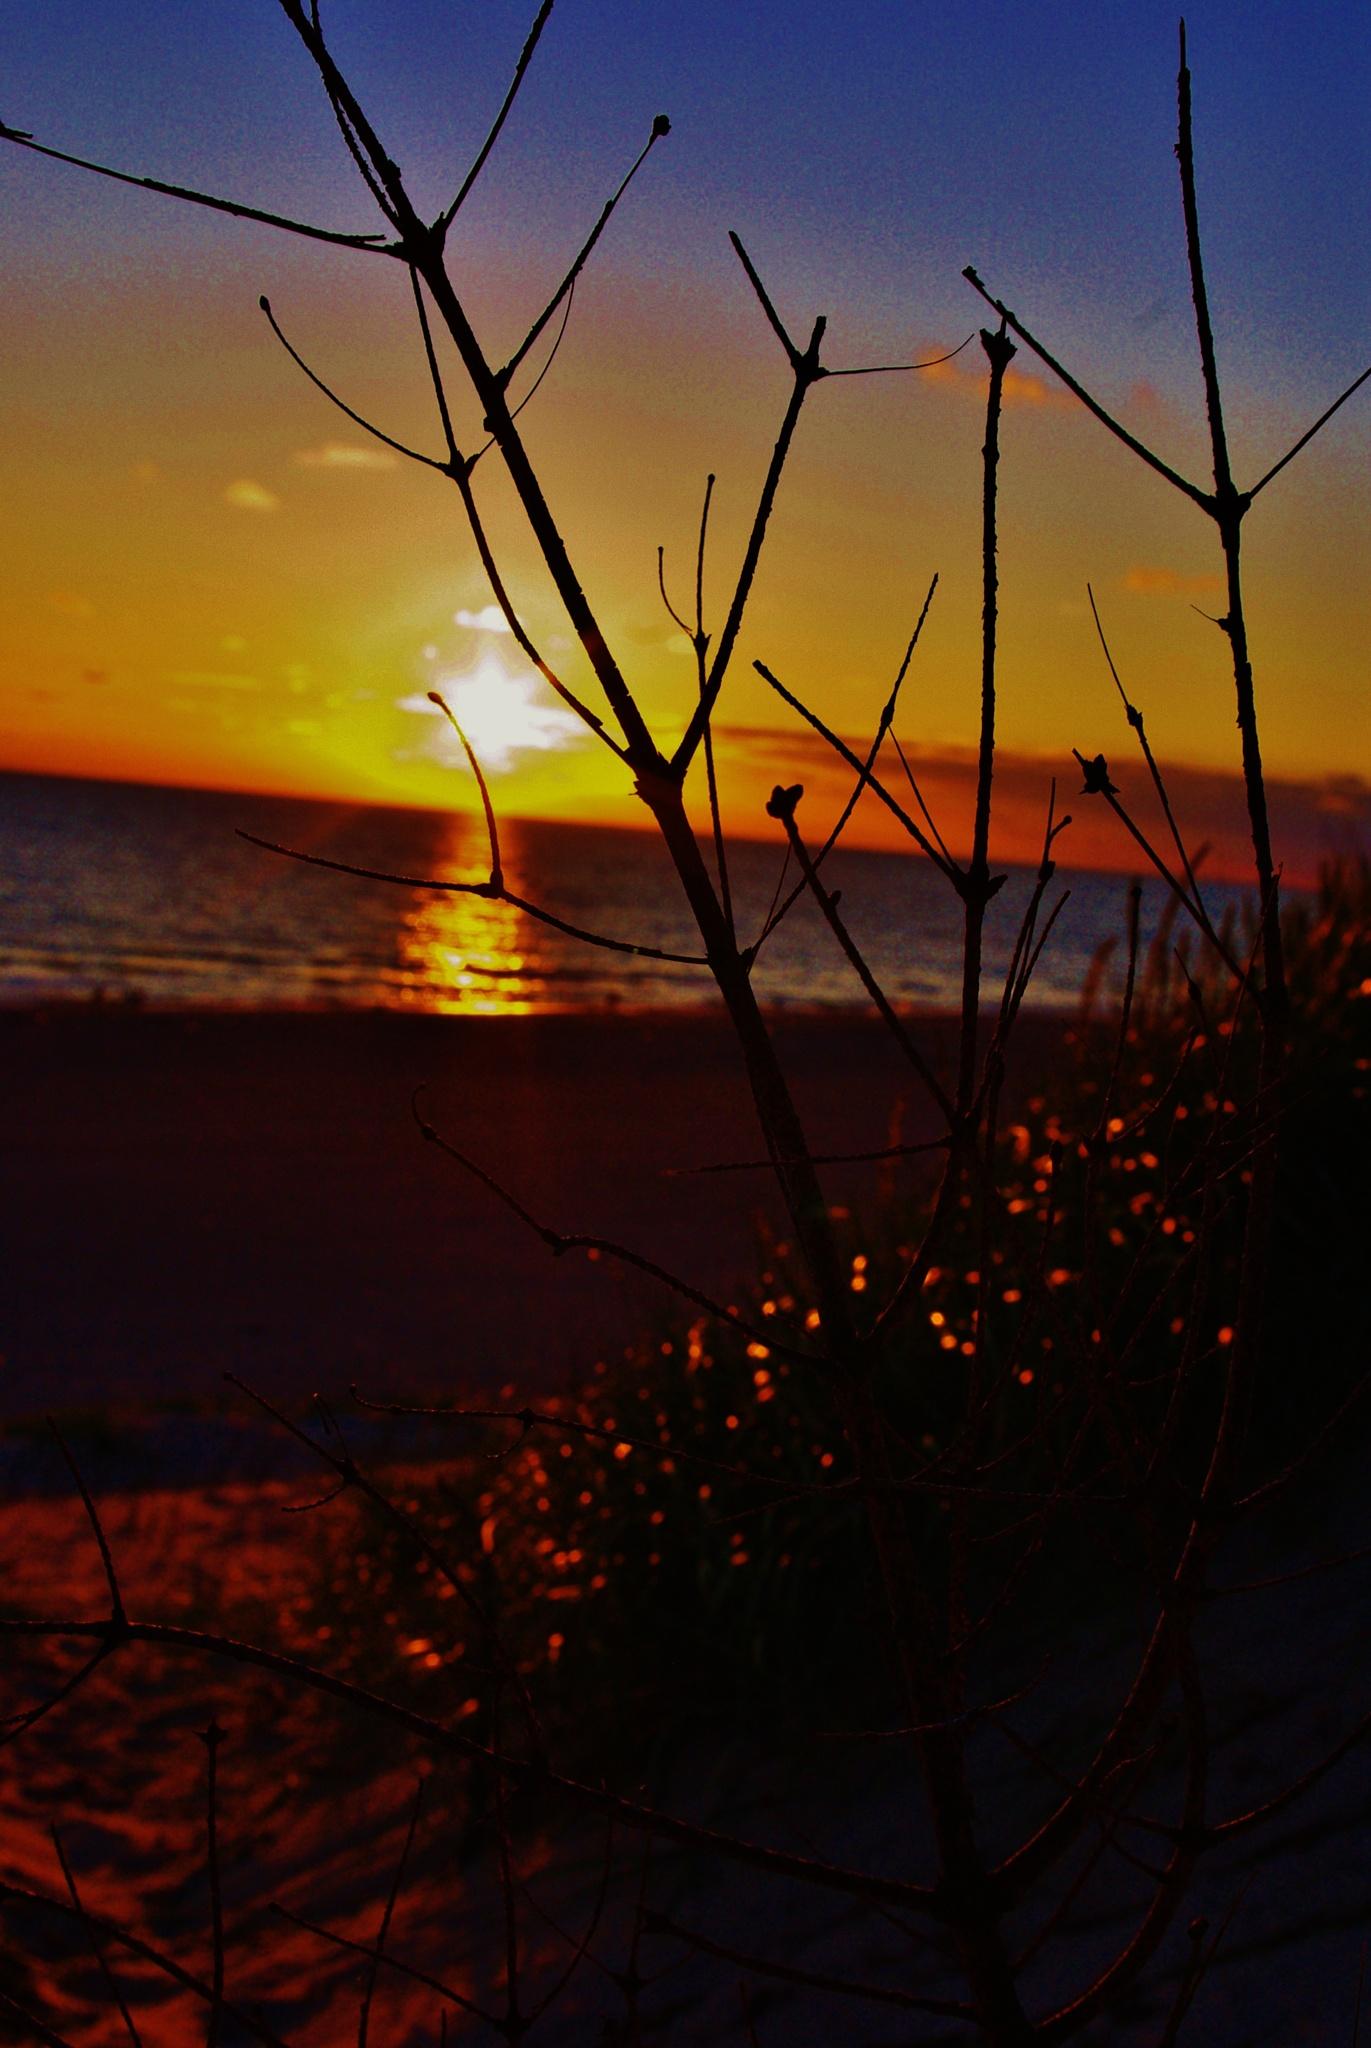 sunset vesterhavet by papp